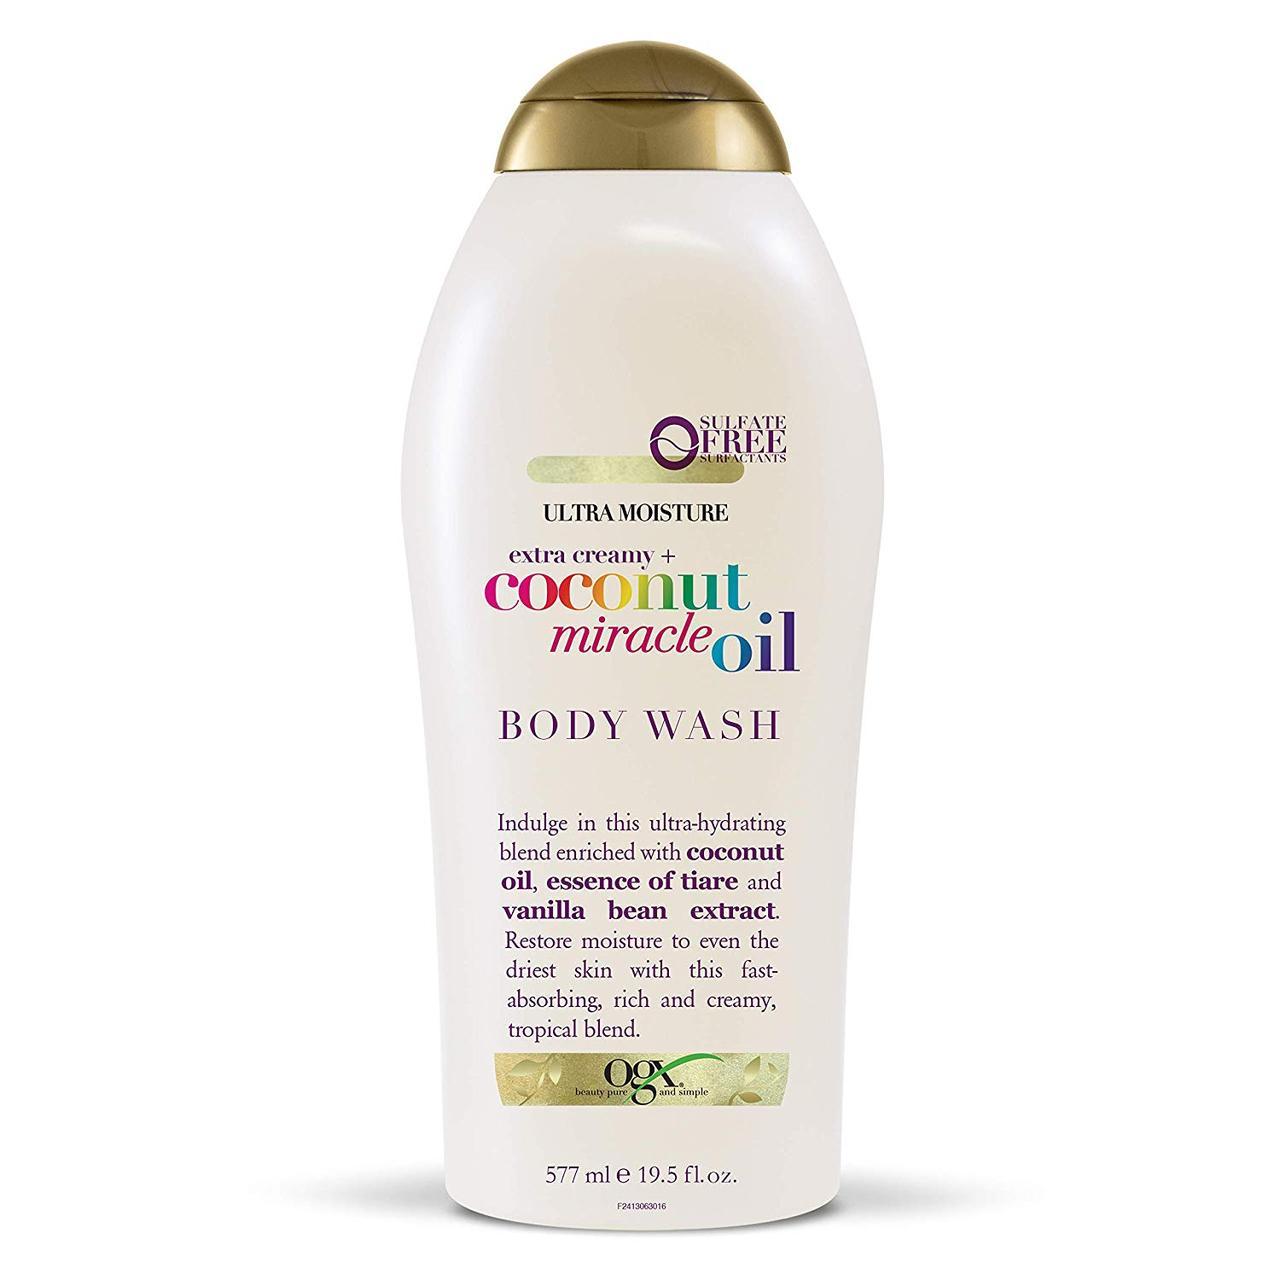 Ультраувлажняющий гель для душа с кокосовым маслом OGX Extra Creamy + Coconut Miracle Oil Ultra Moisture Body